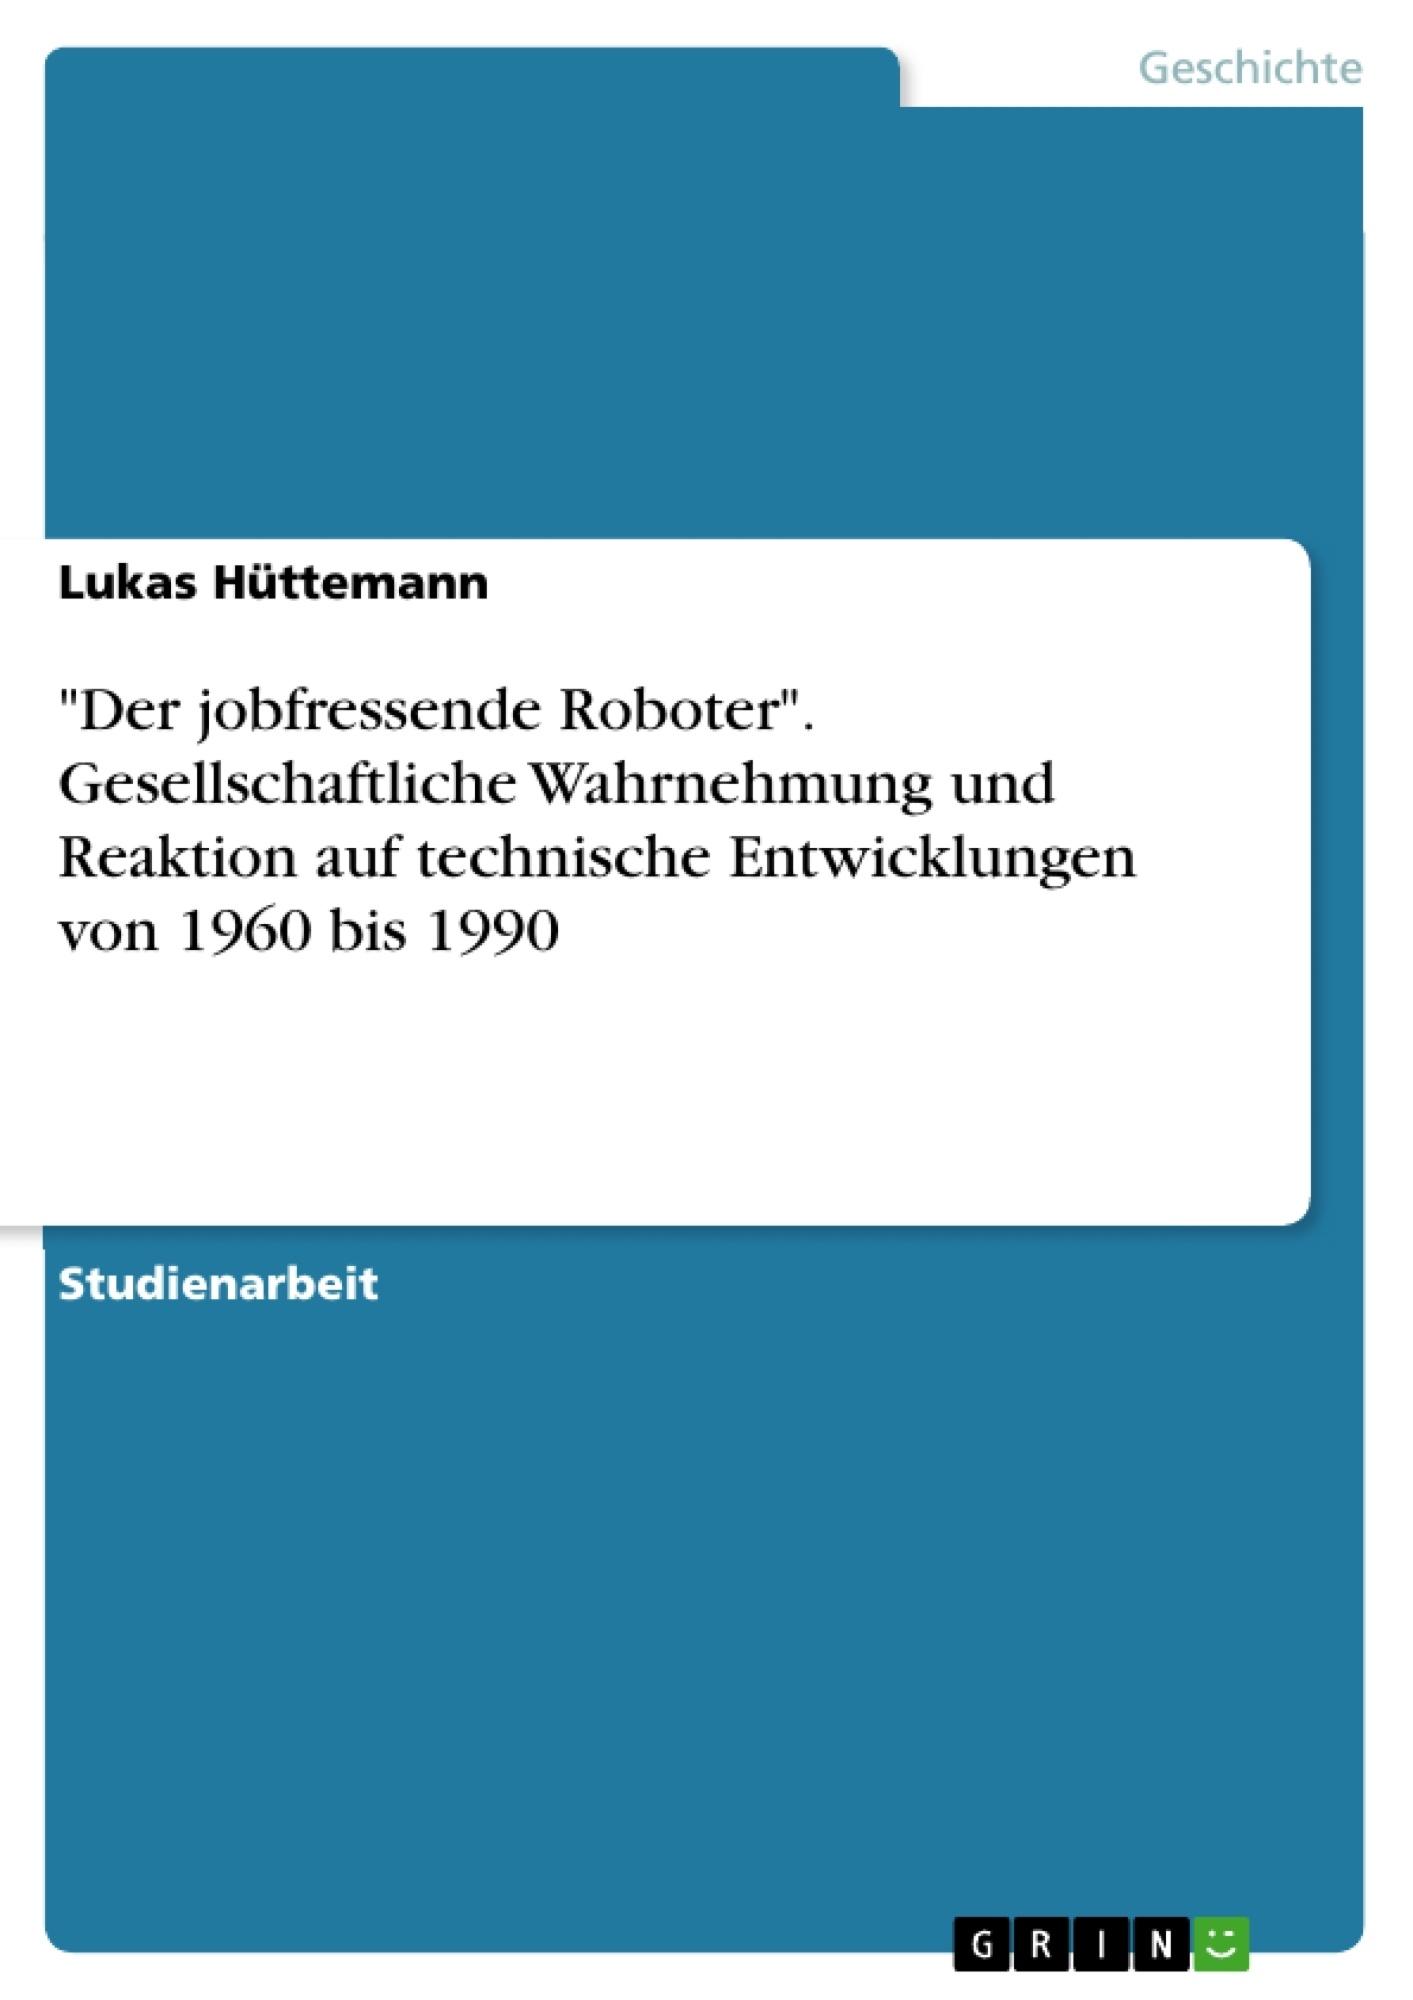 """Titel: """"Der jobfressende Roboter"""". Gesellschaftliche Wahrnehmung und Reaktion auf technische Entwicklungen von 1960 bis 1990"""